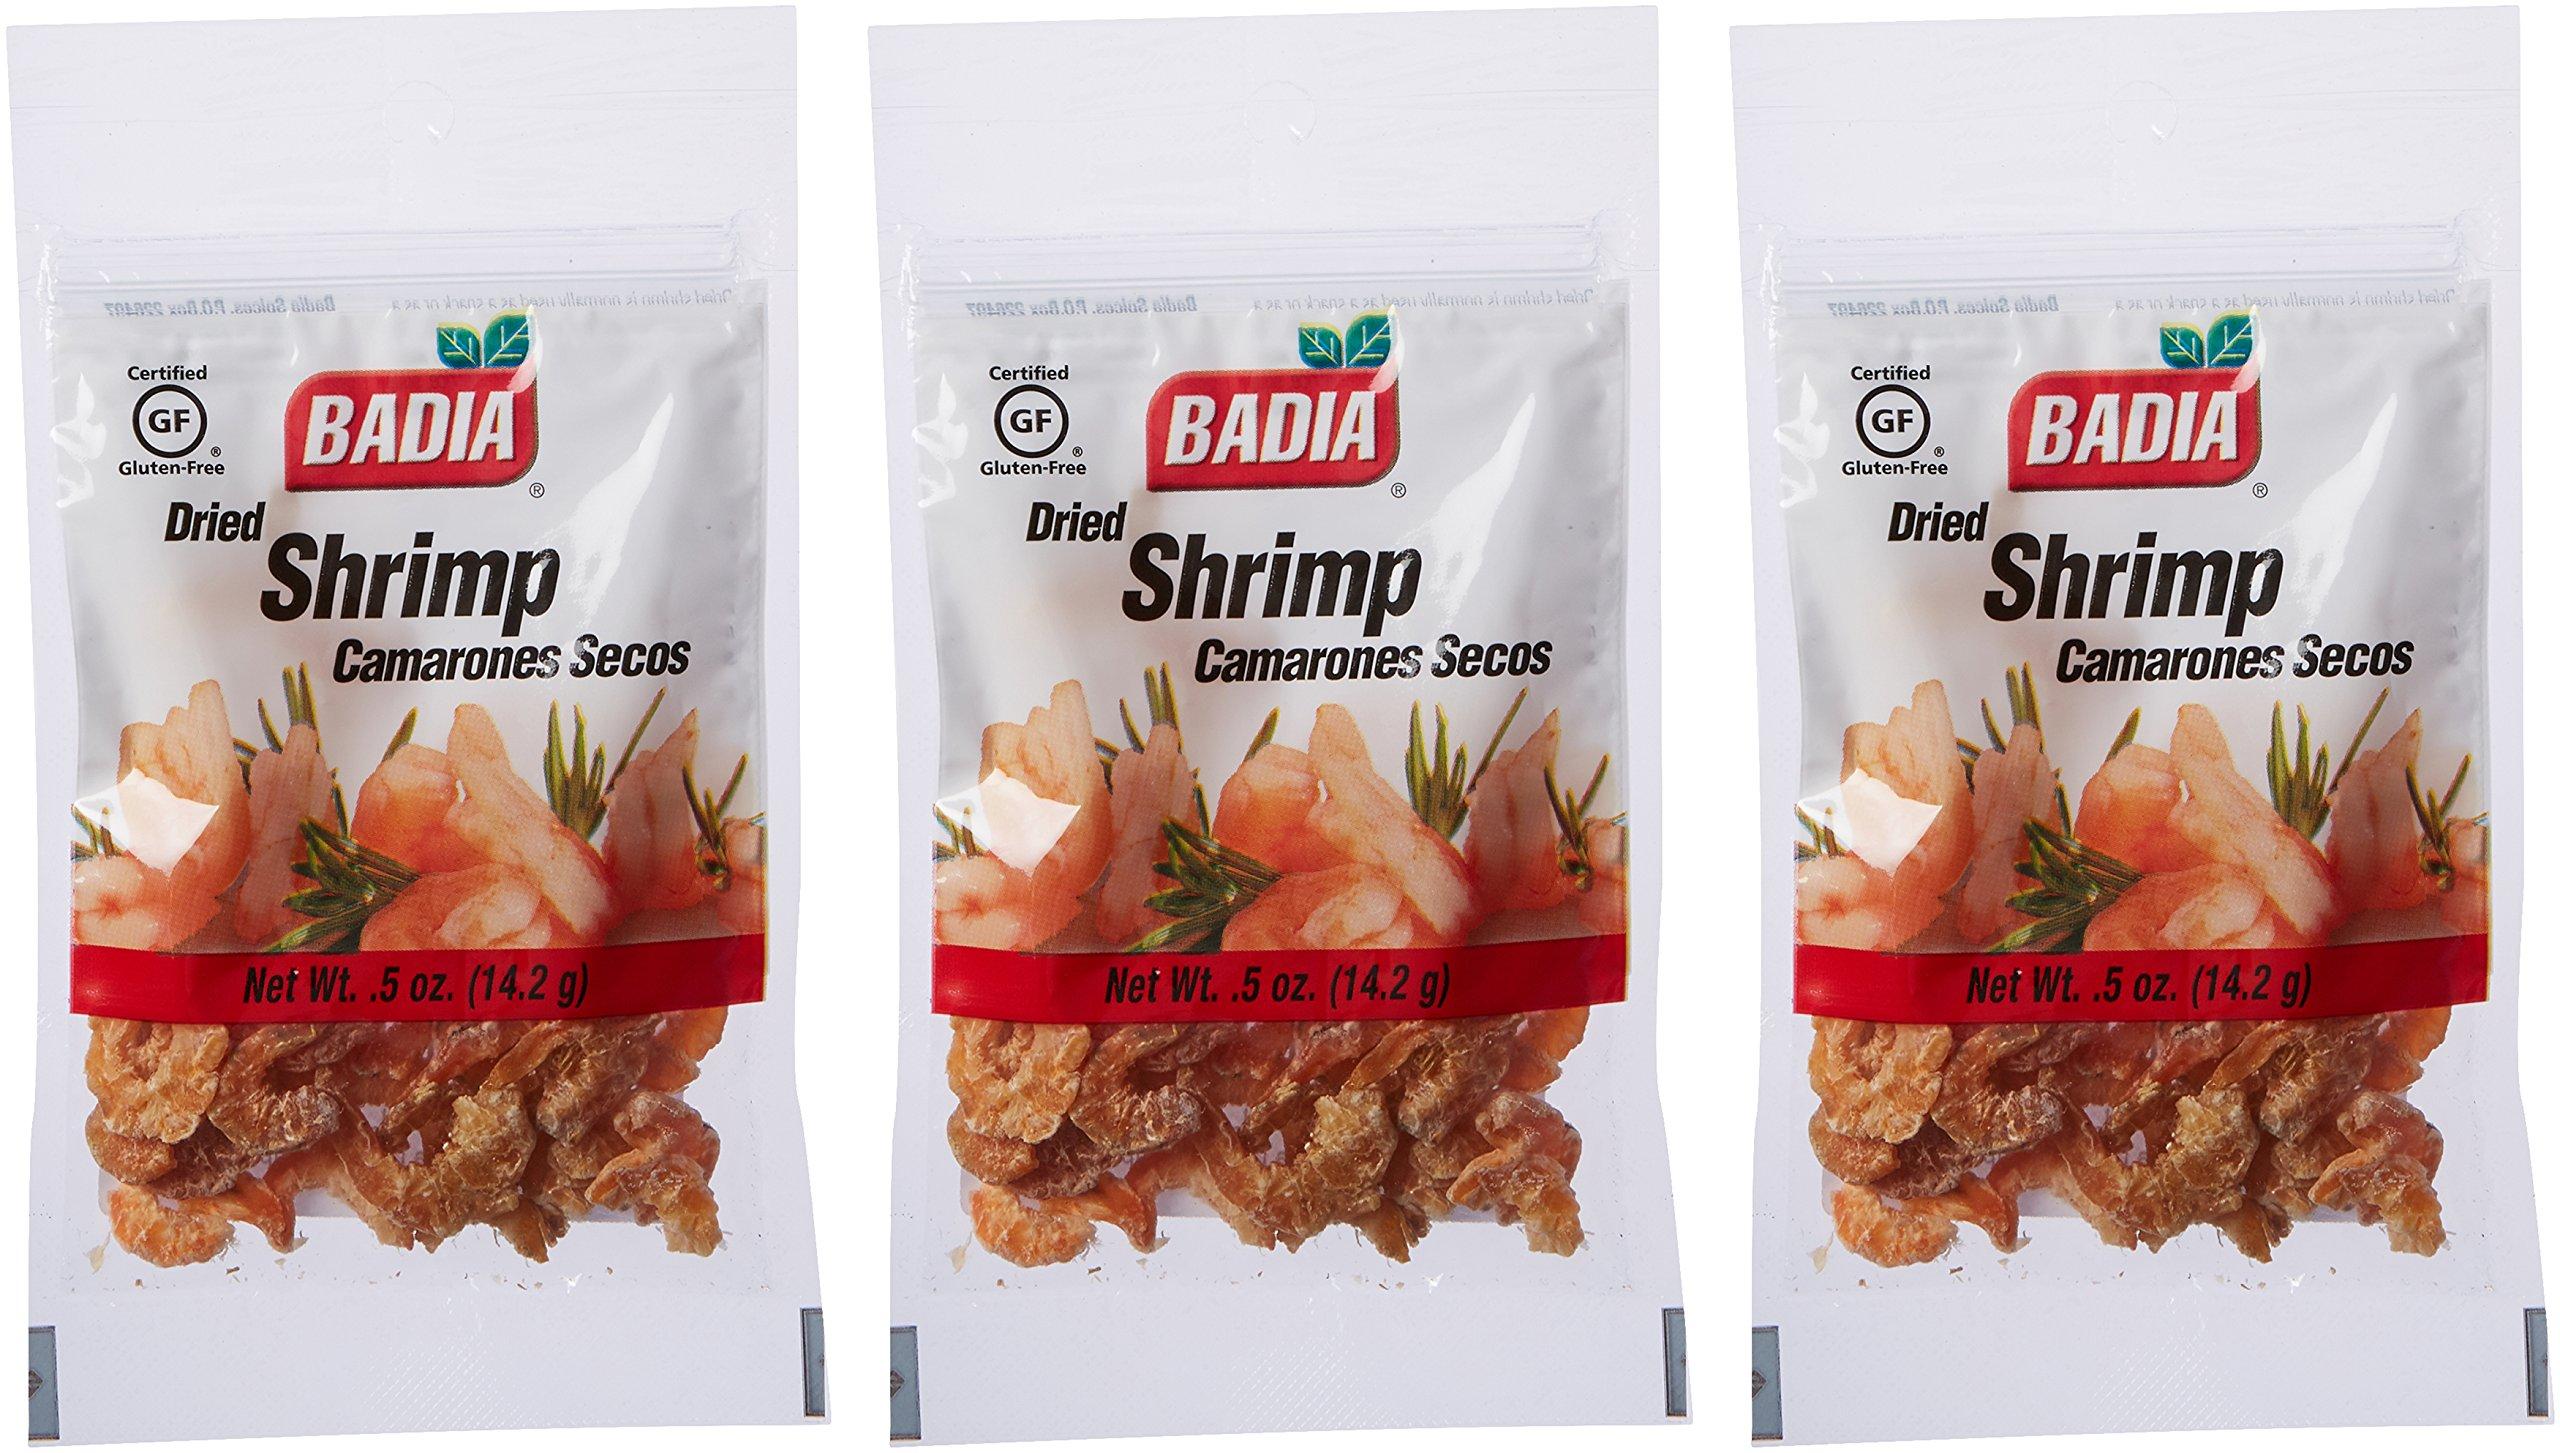 Badia Cilantro 0.25 oz Pack of 3